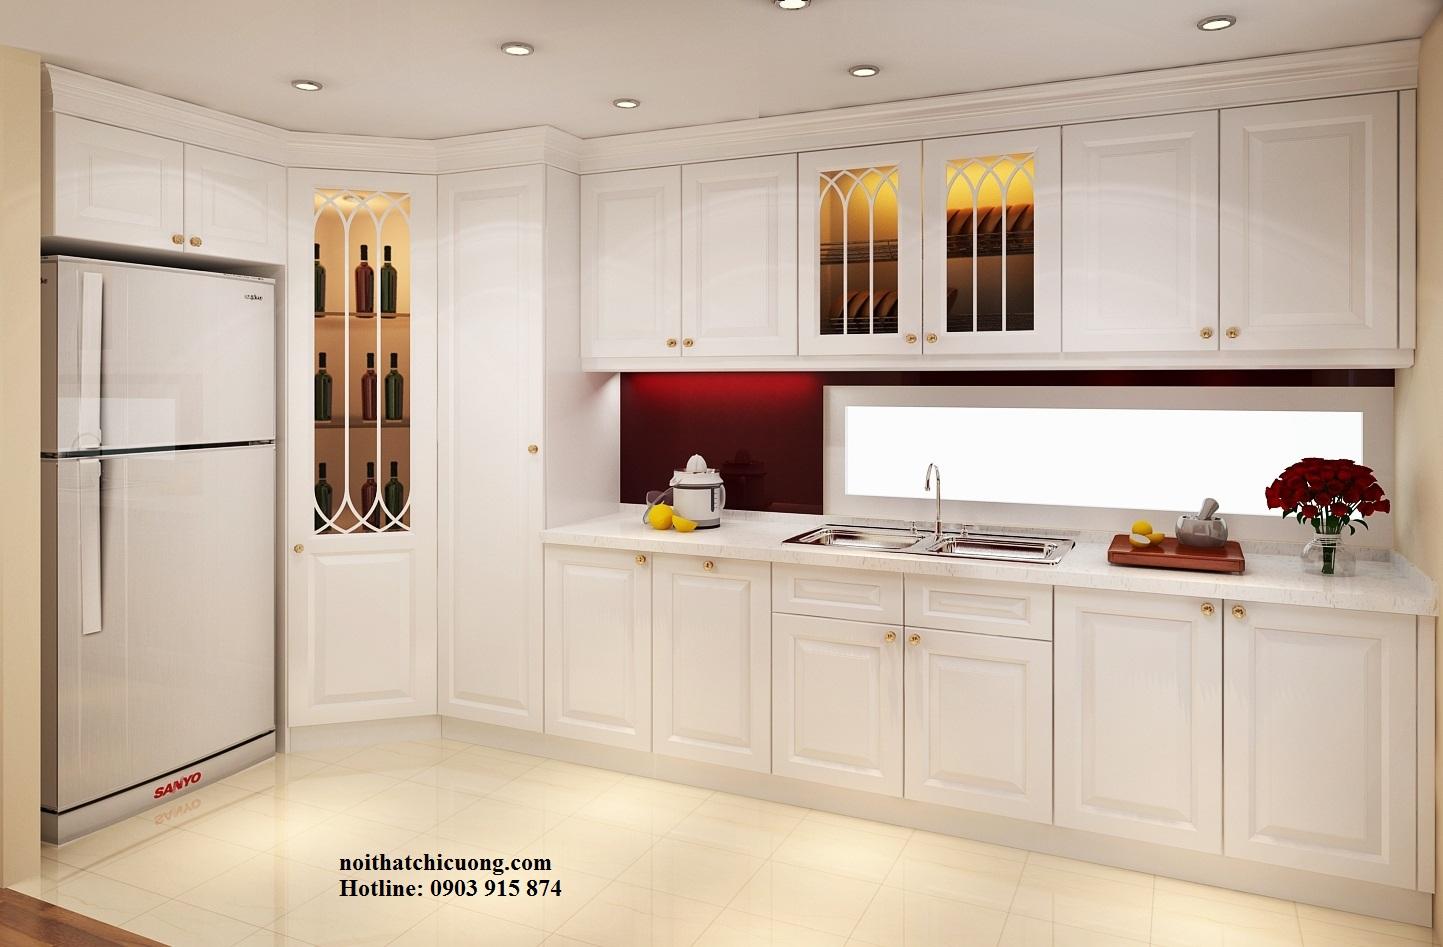 Nội Thất Phòng Bếp - Tủ Bếp Chữ L Sơn Trắng - 106